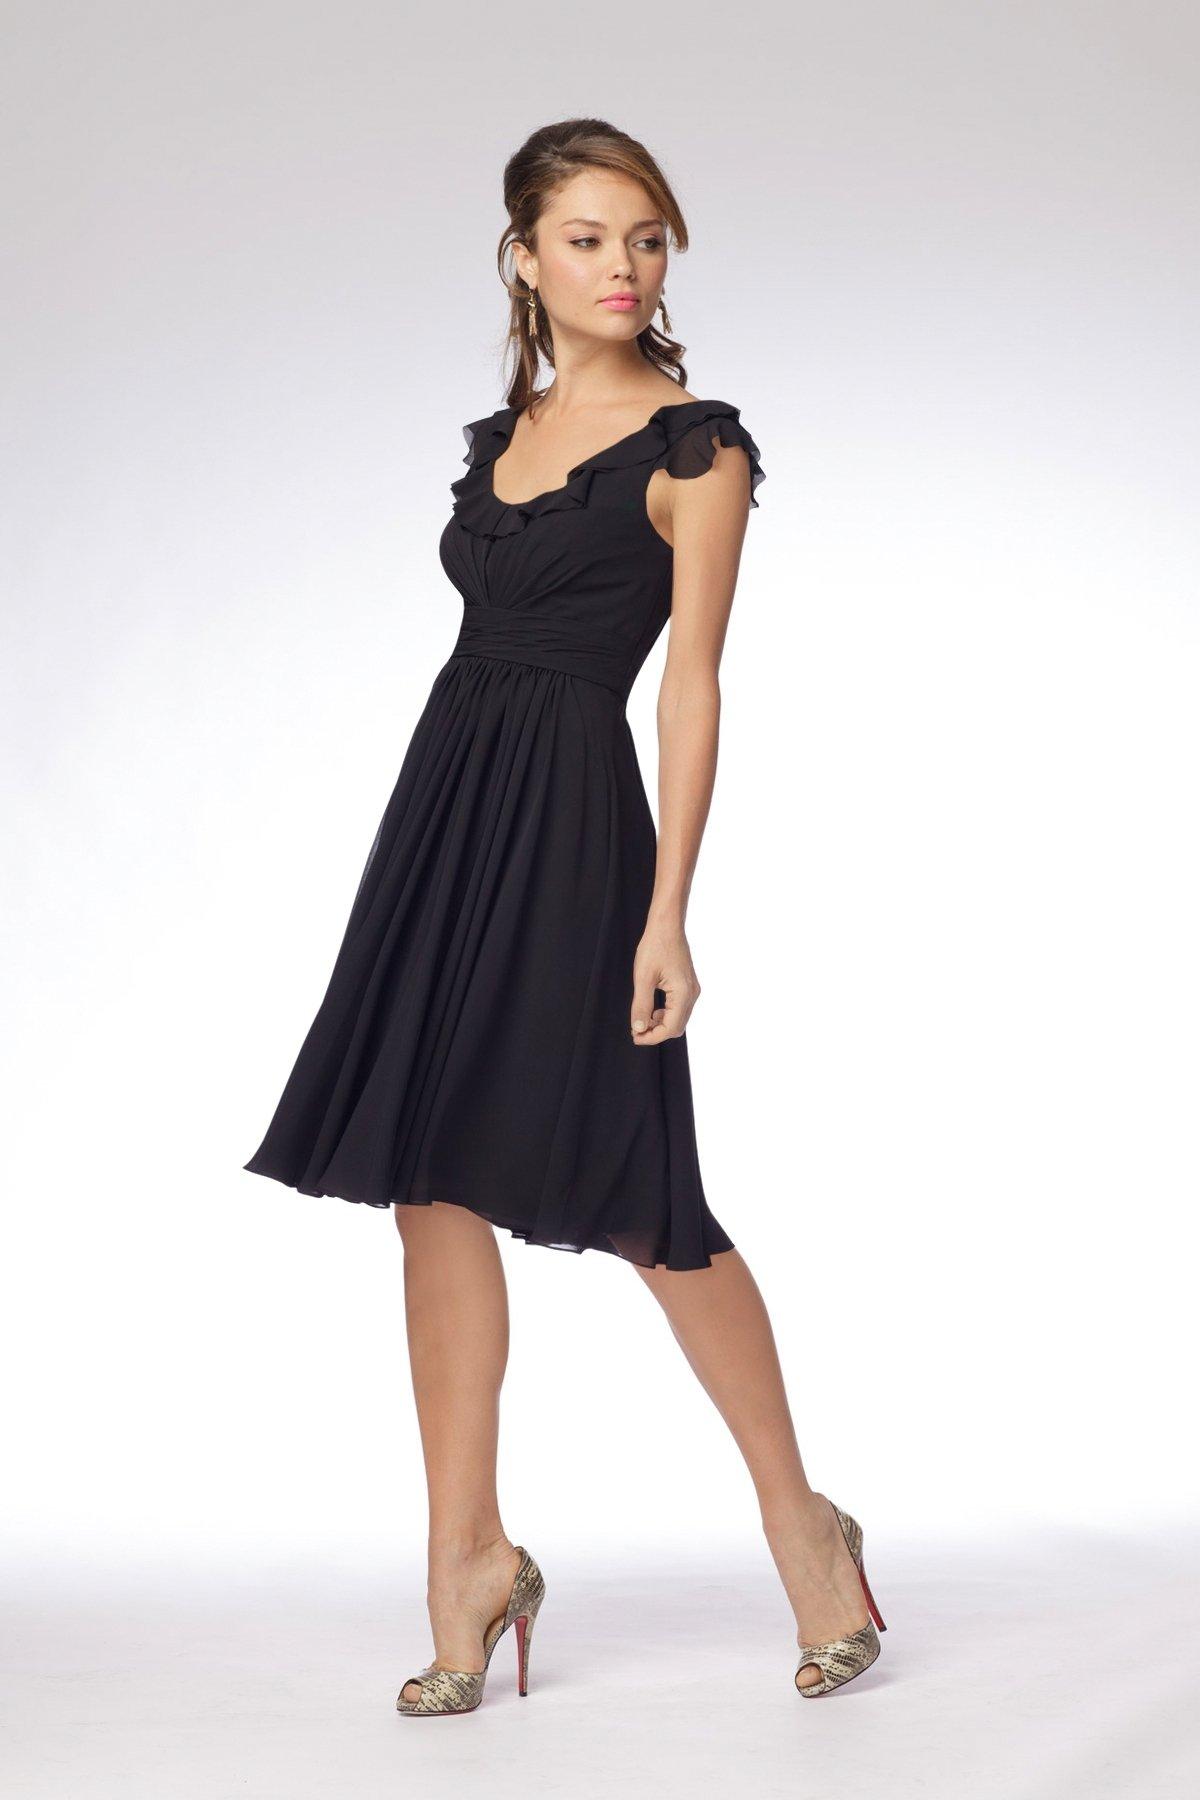 d496cf938 Te traemos unos diseños hermosísimos de vestidos negros que pueden sacarte  de un apuro para alguna reunión de cóctel una celebración informal.